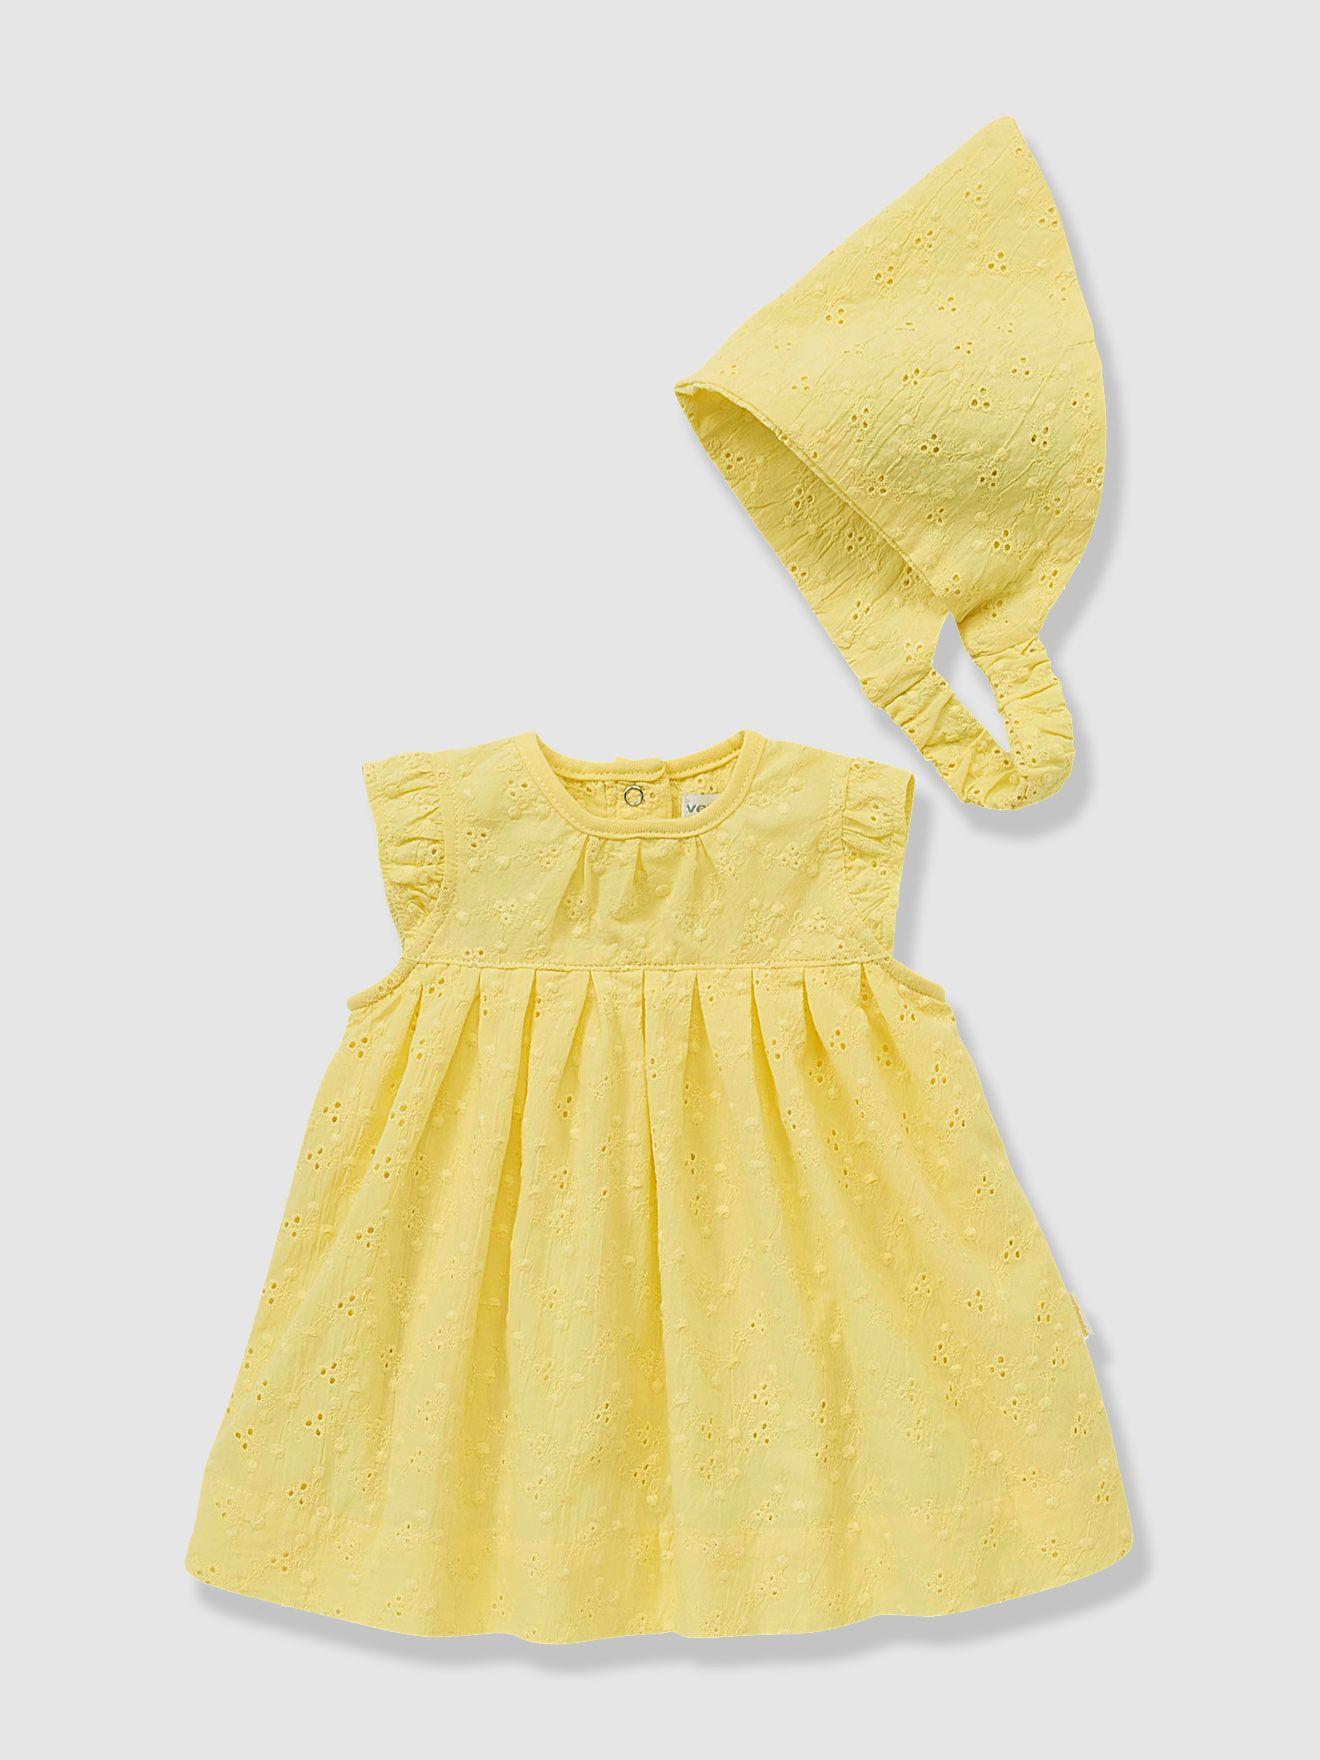 71847a8aab4a7 Ensemble bébé robe et fichu